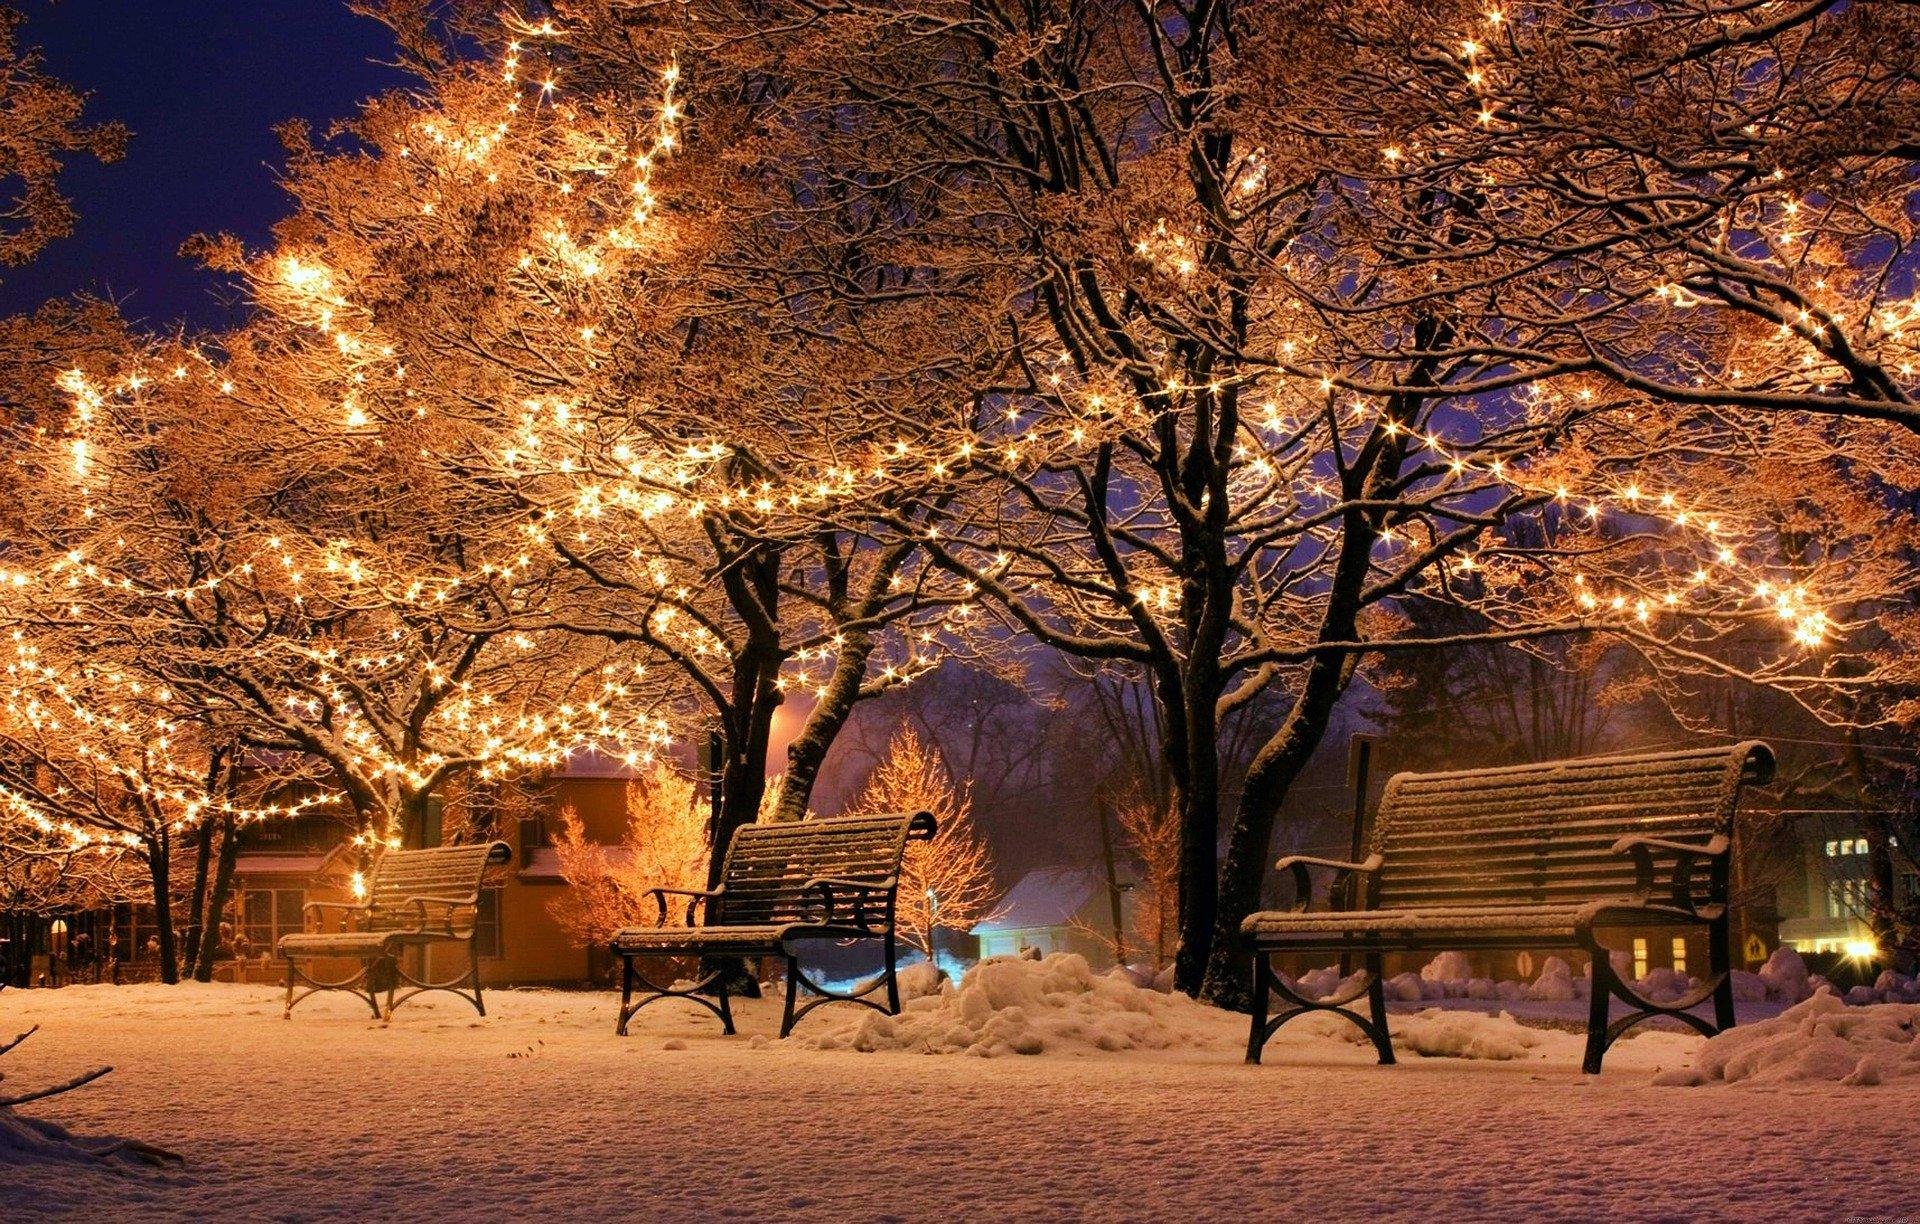 December. De maand waar we altijd zo naar uitkeken…!